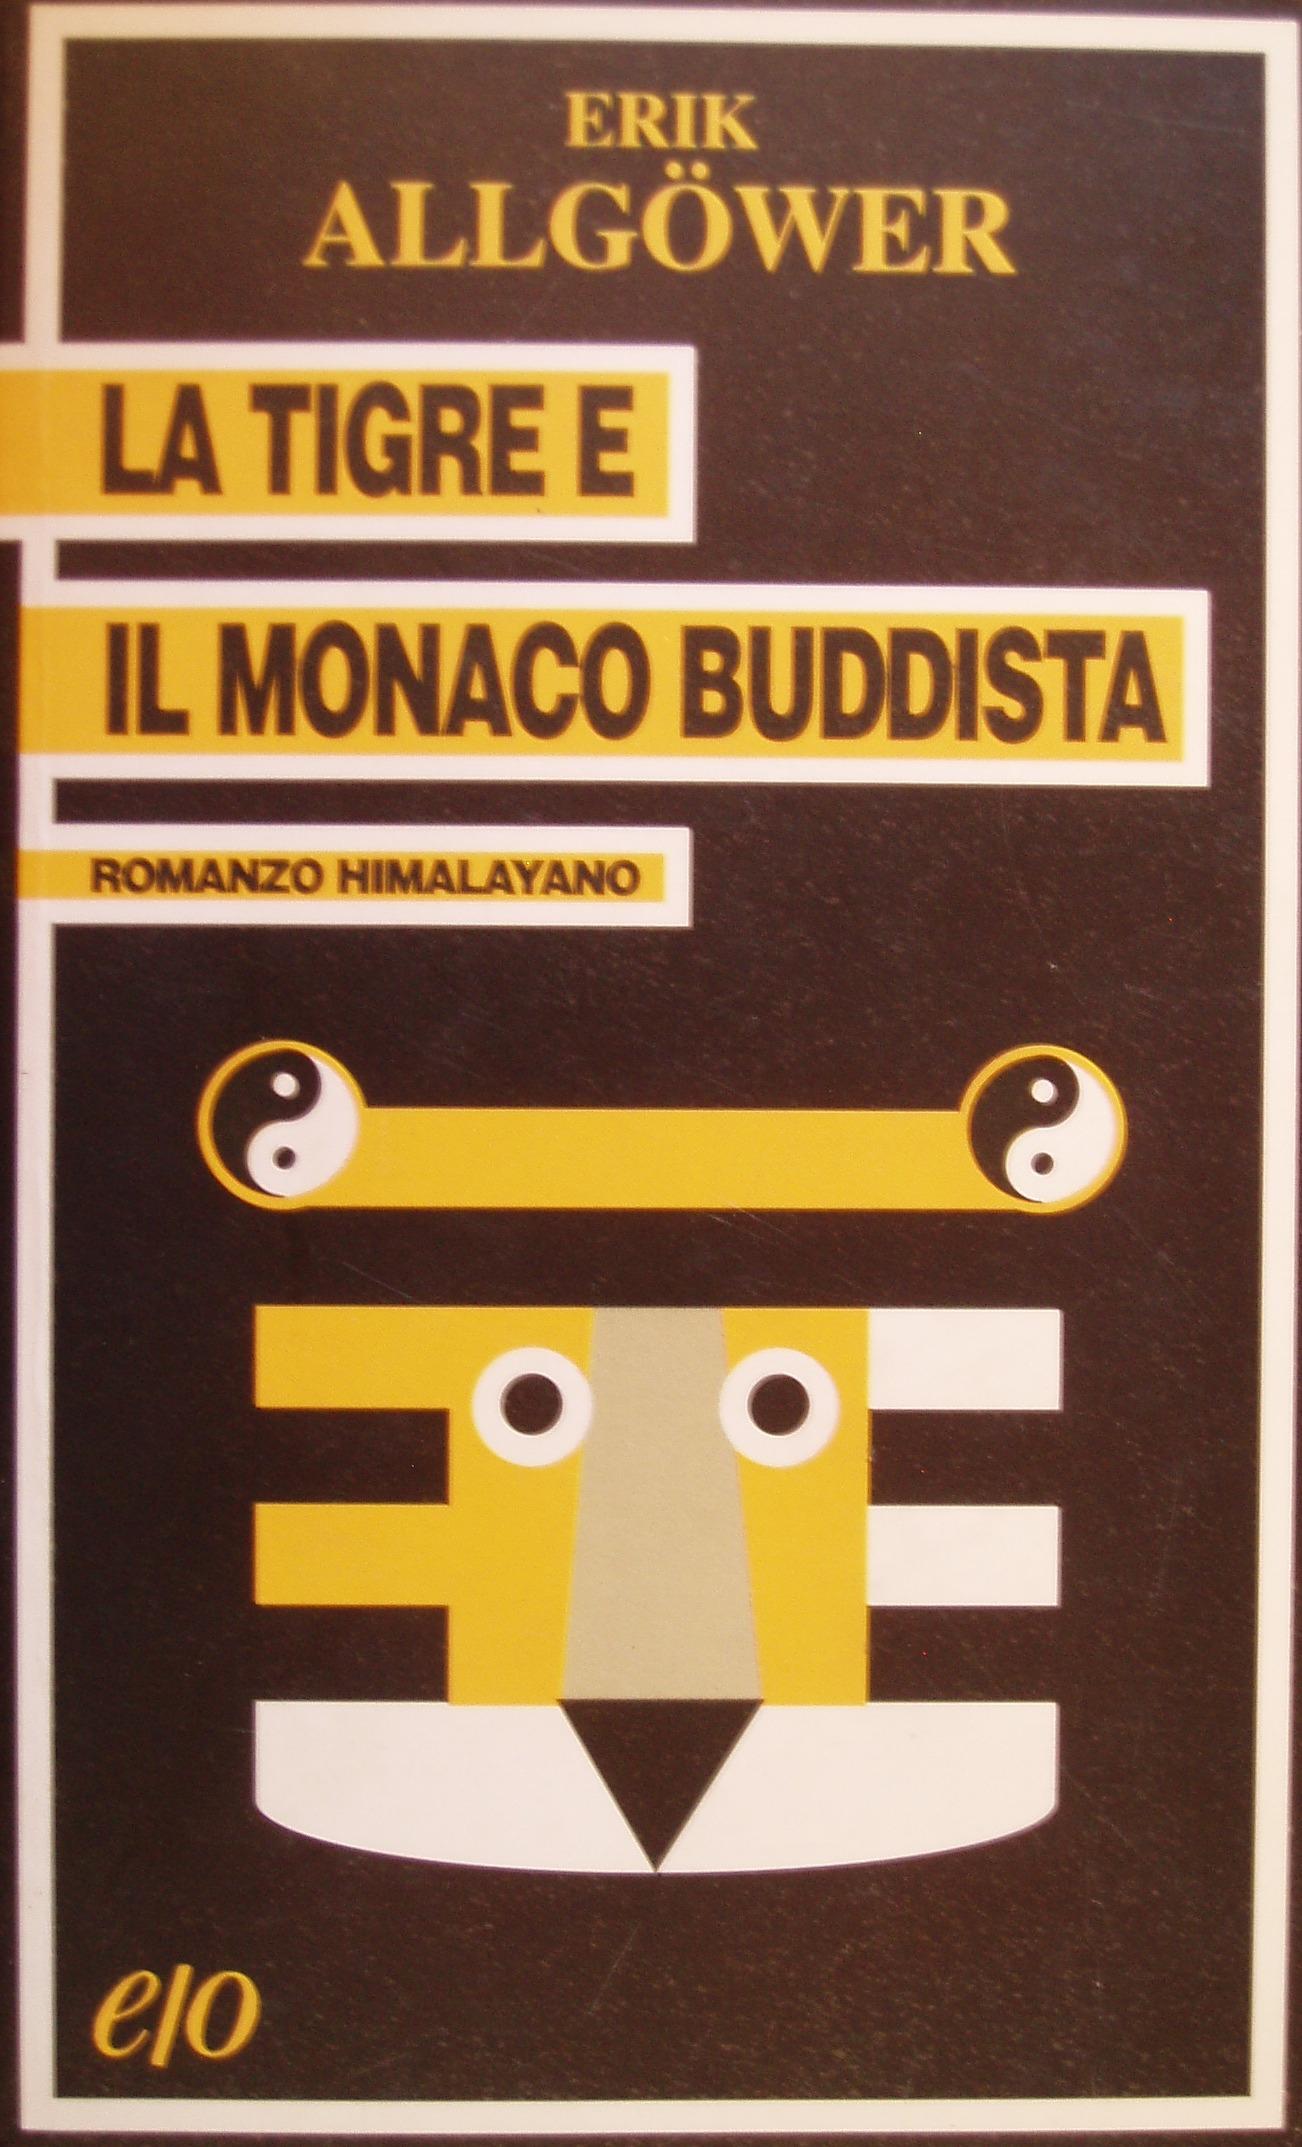 La tigre e il monaco buddista